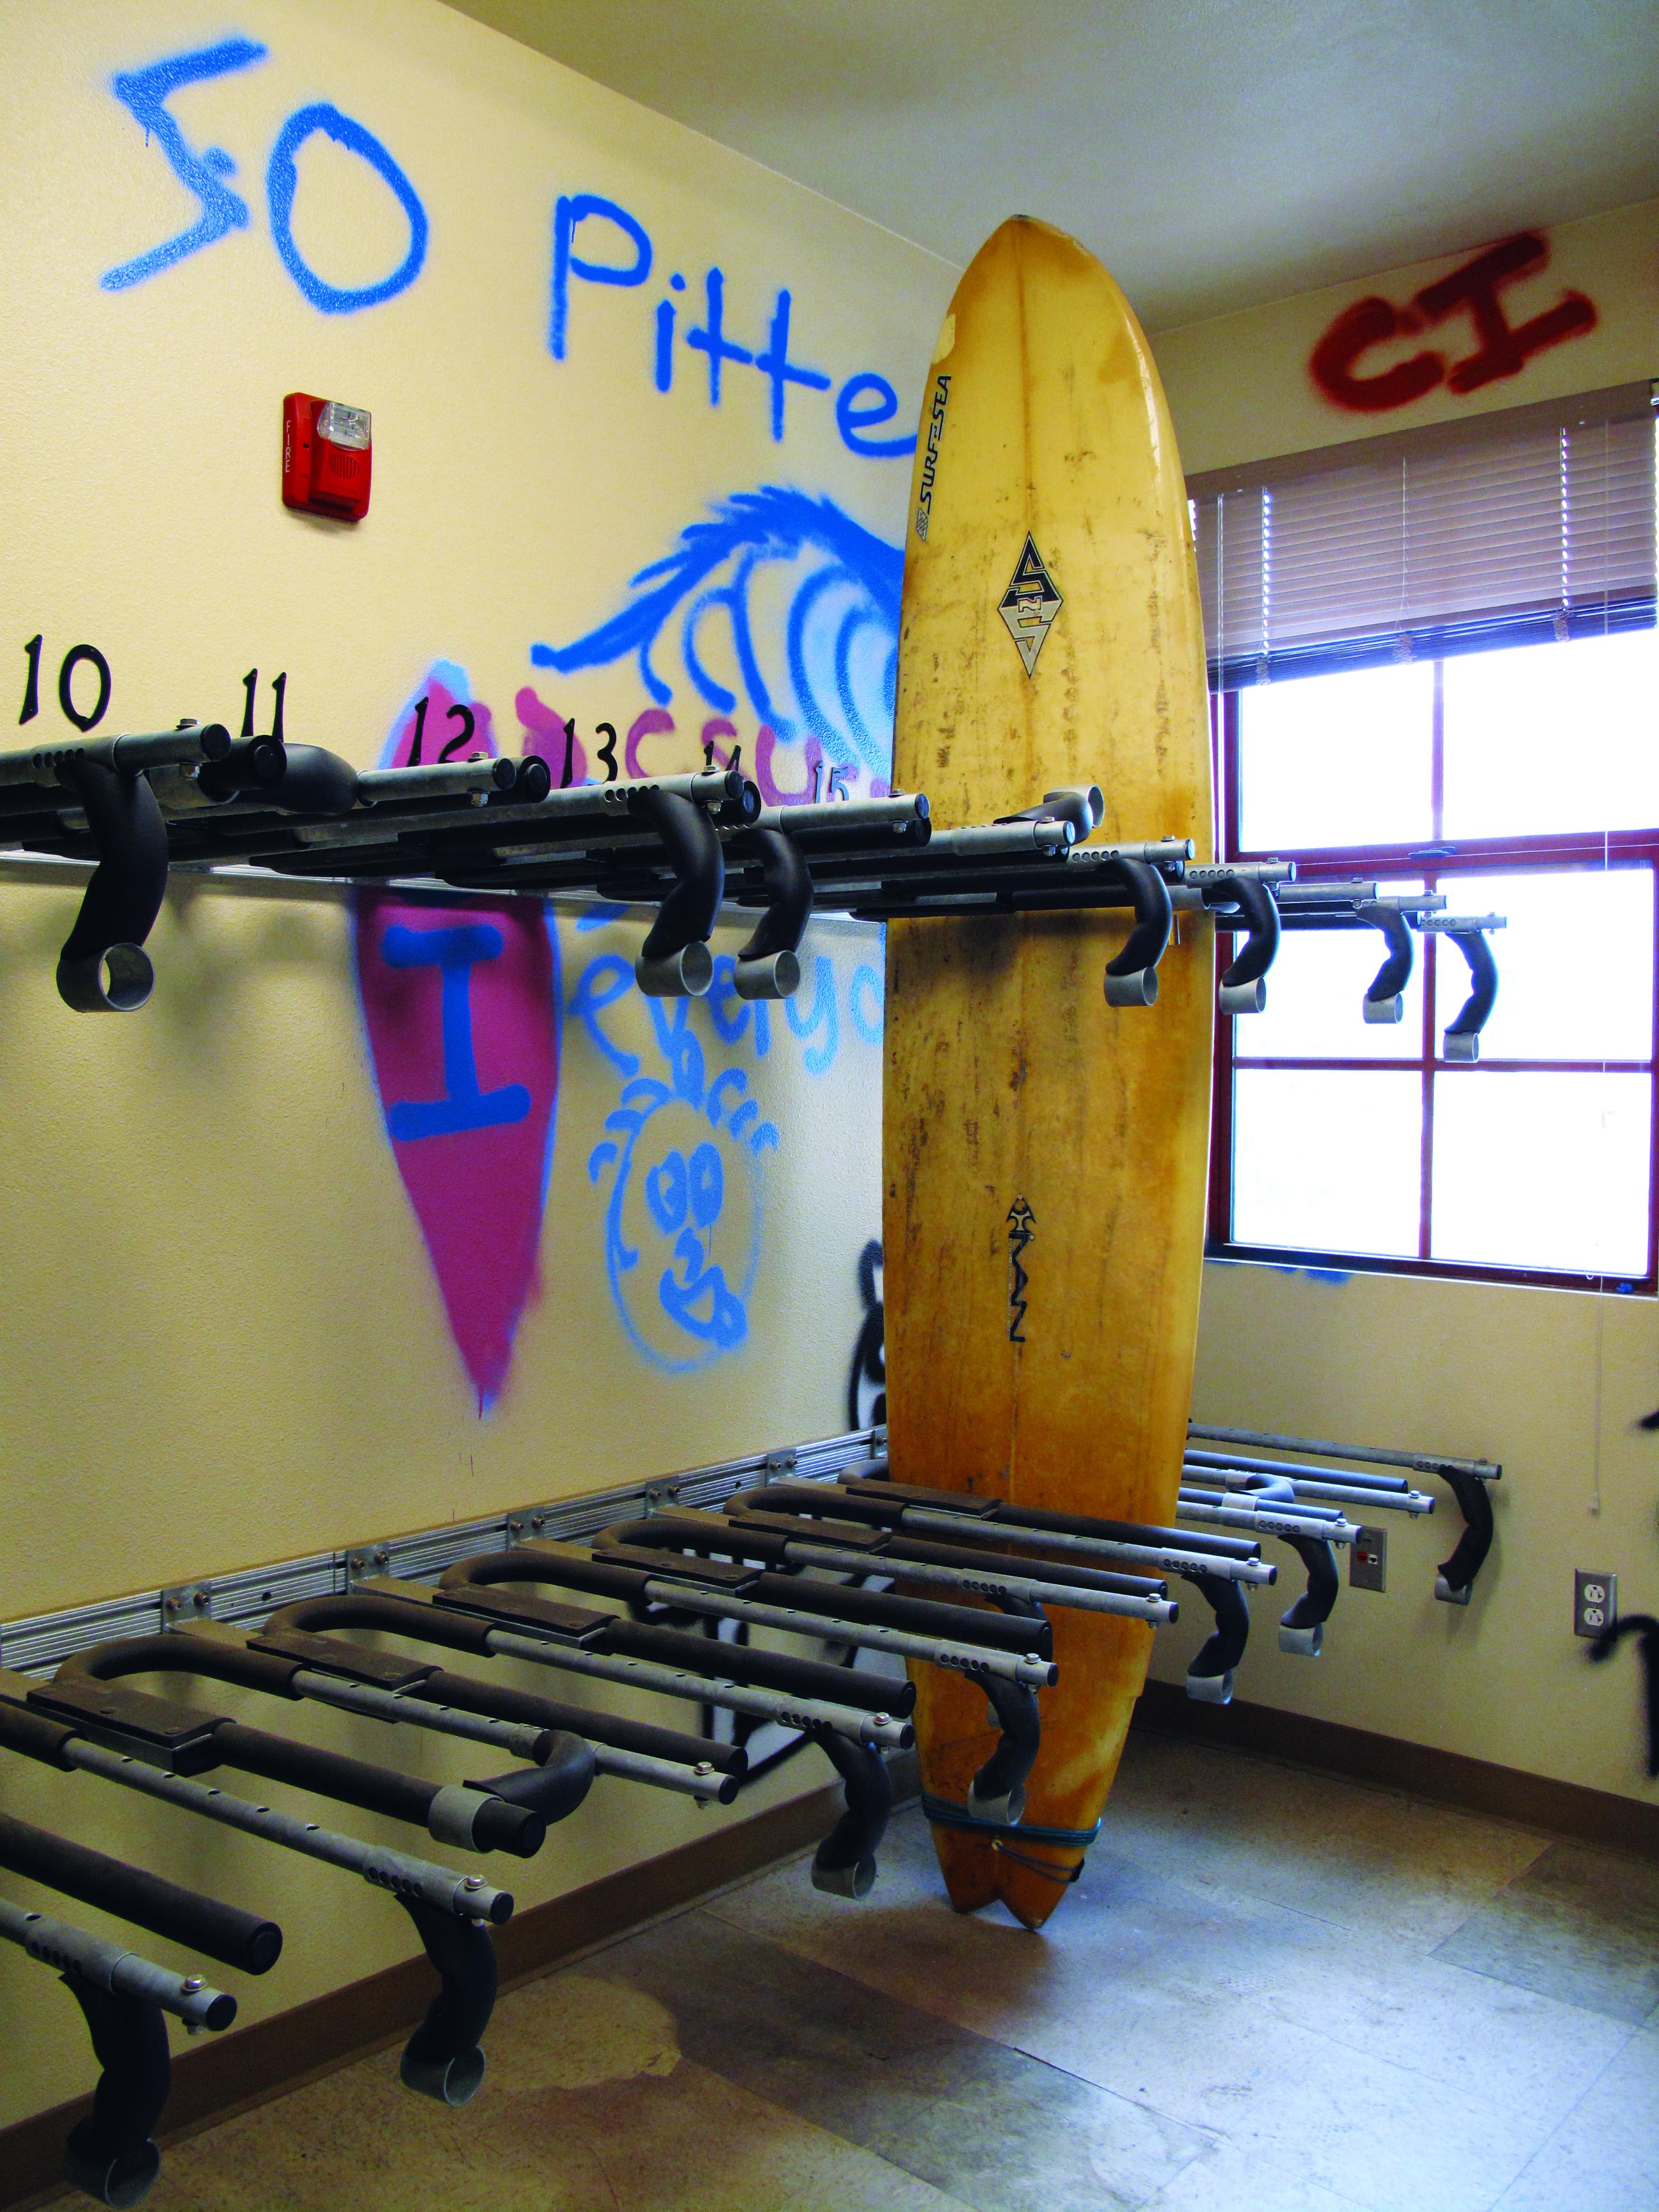 Dorms get surboard storage